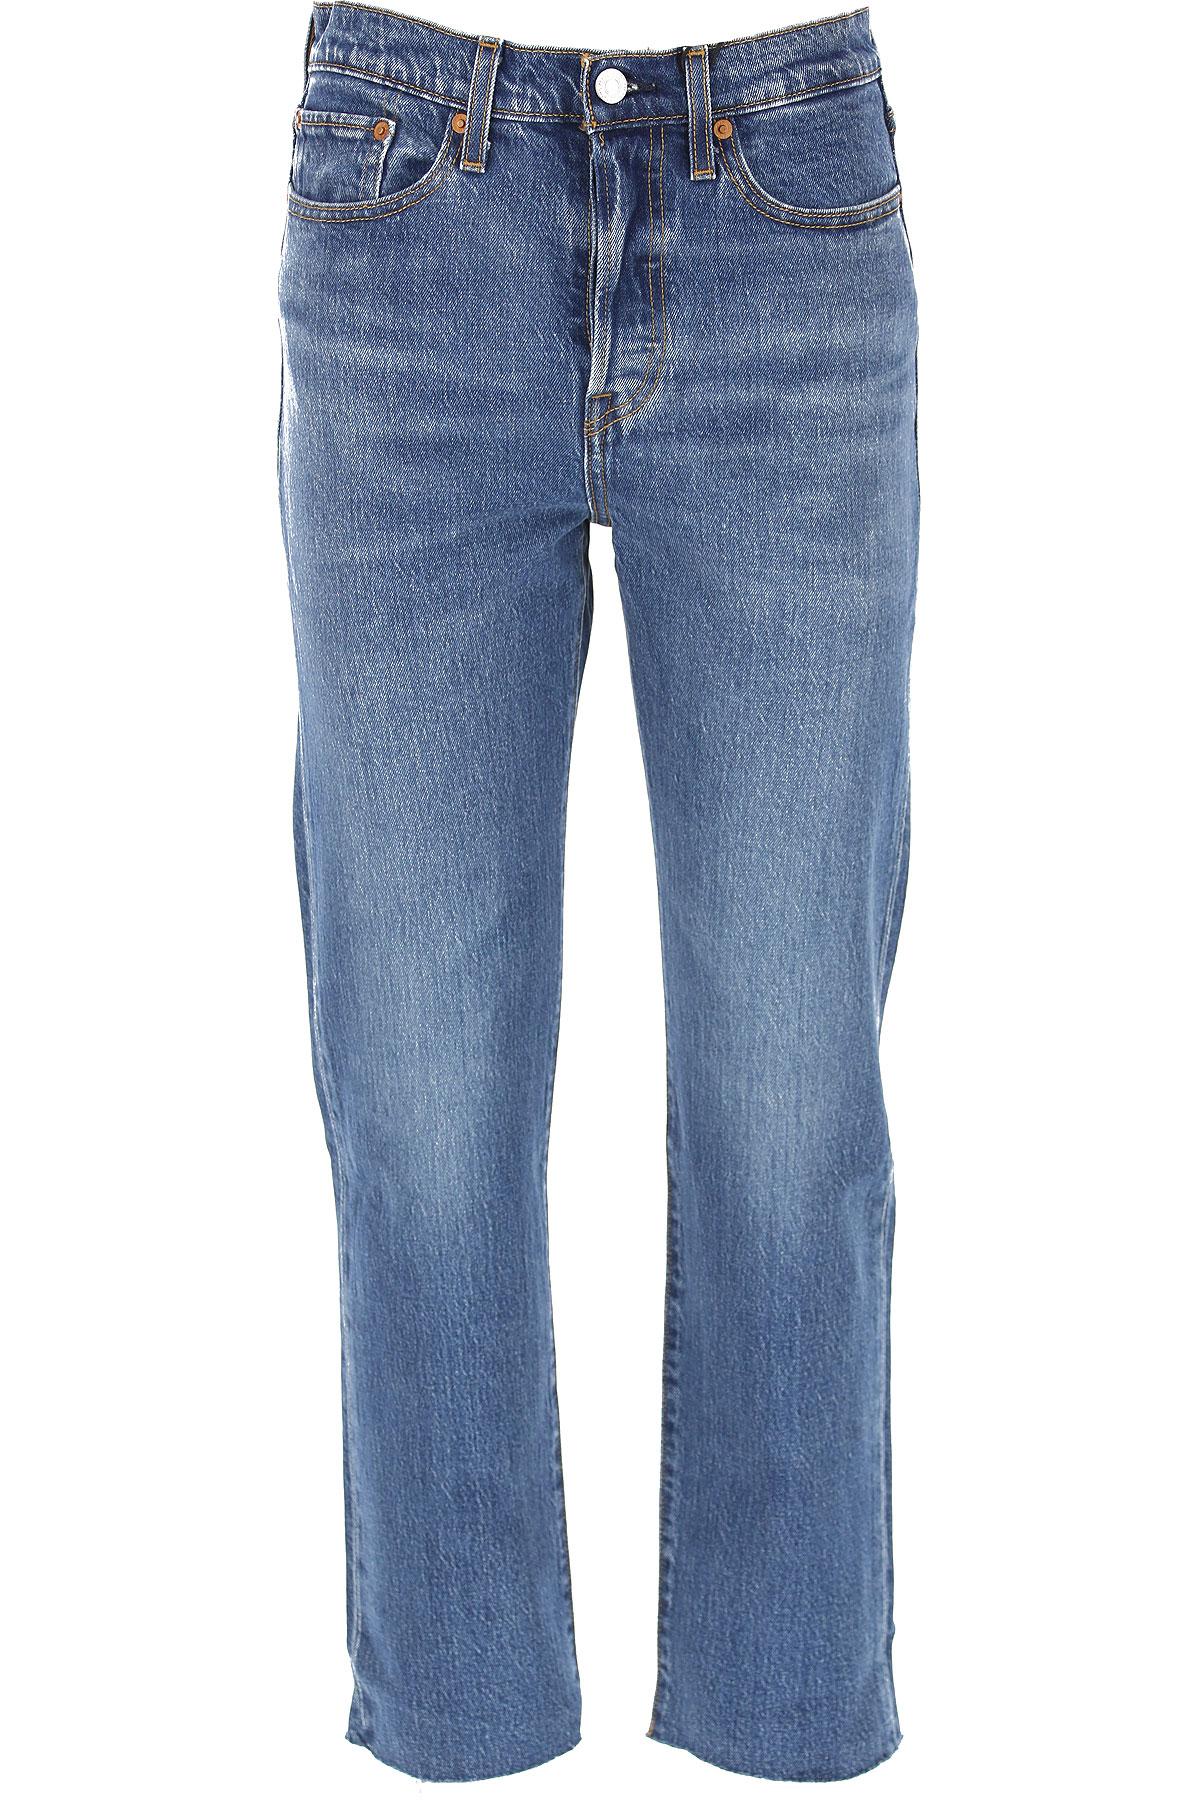 Levis Jeans On Sale, Denim, Cotton, 2017, 25 26 27 28 29 30